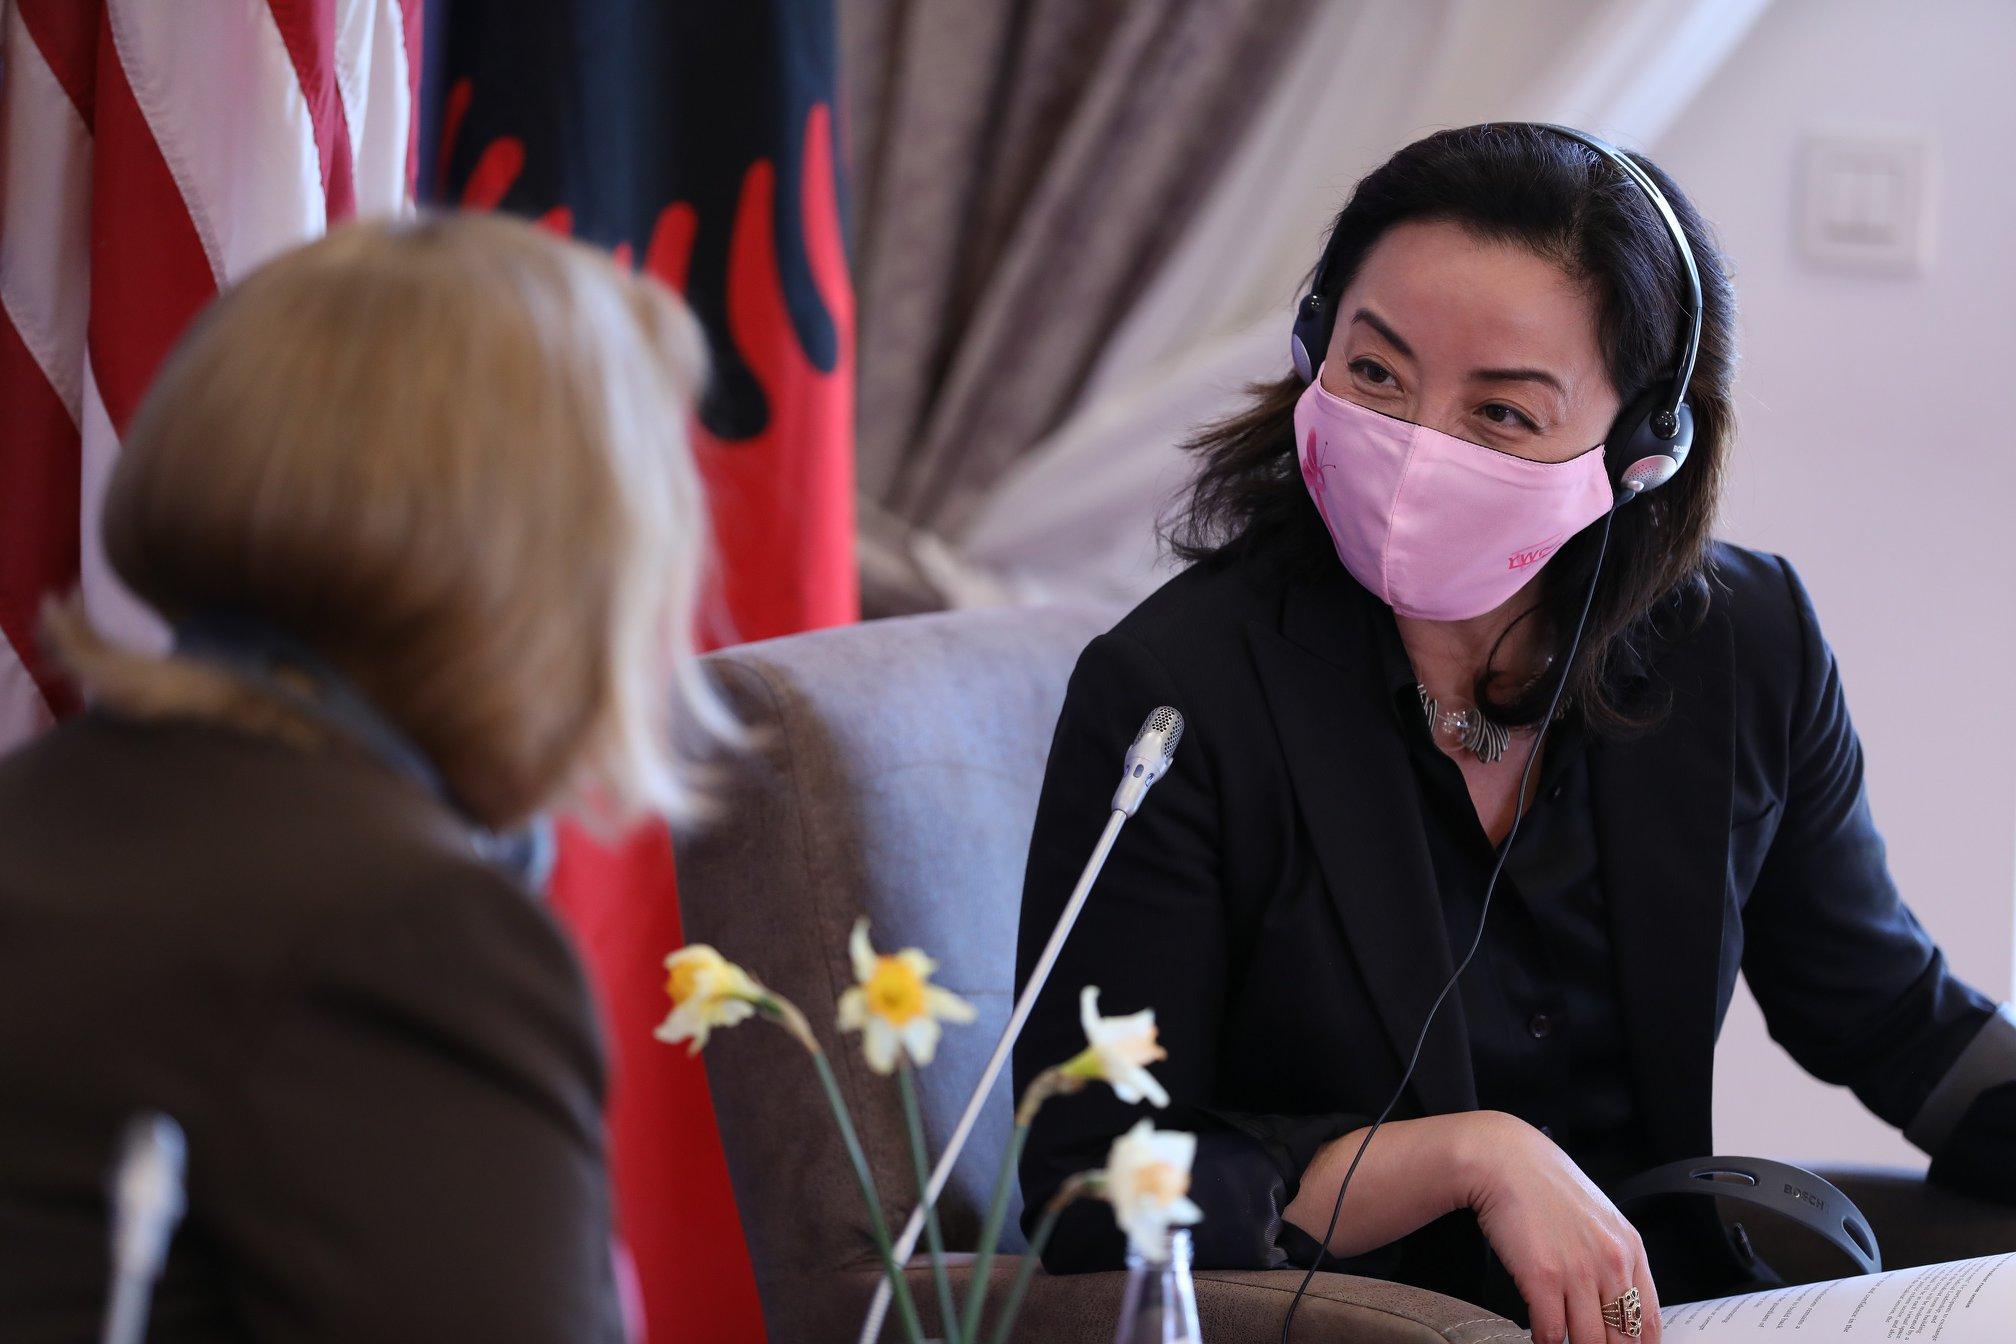 Yuri Kim: SHBA mbështet reformën në drejtësi të Shqipërisë, jemi me ju krah për krah